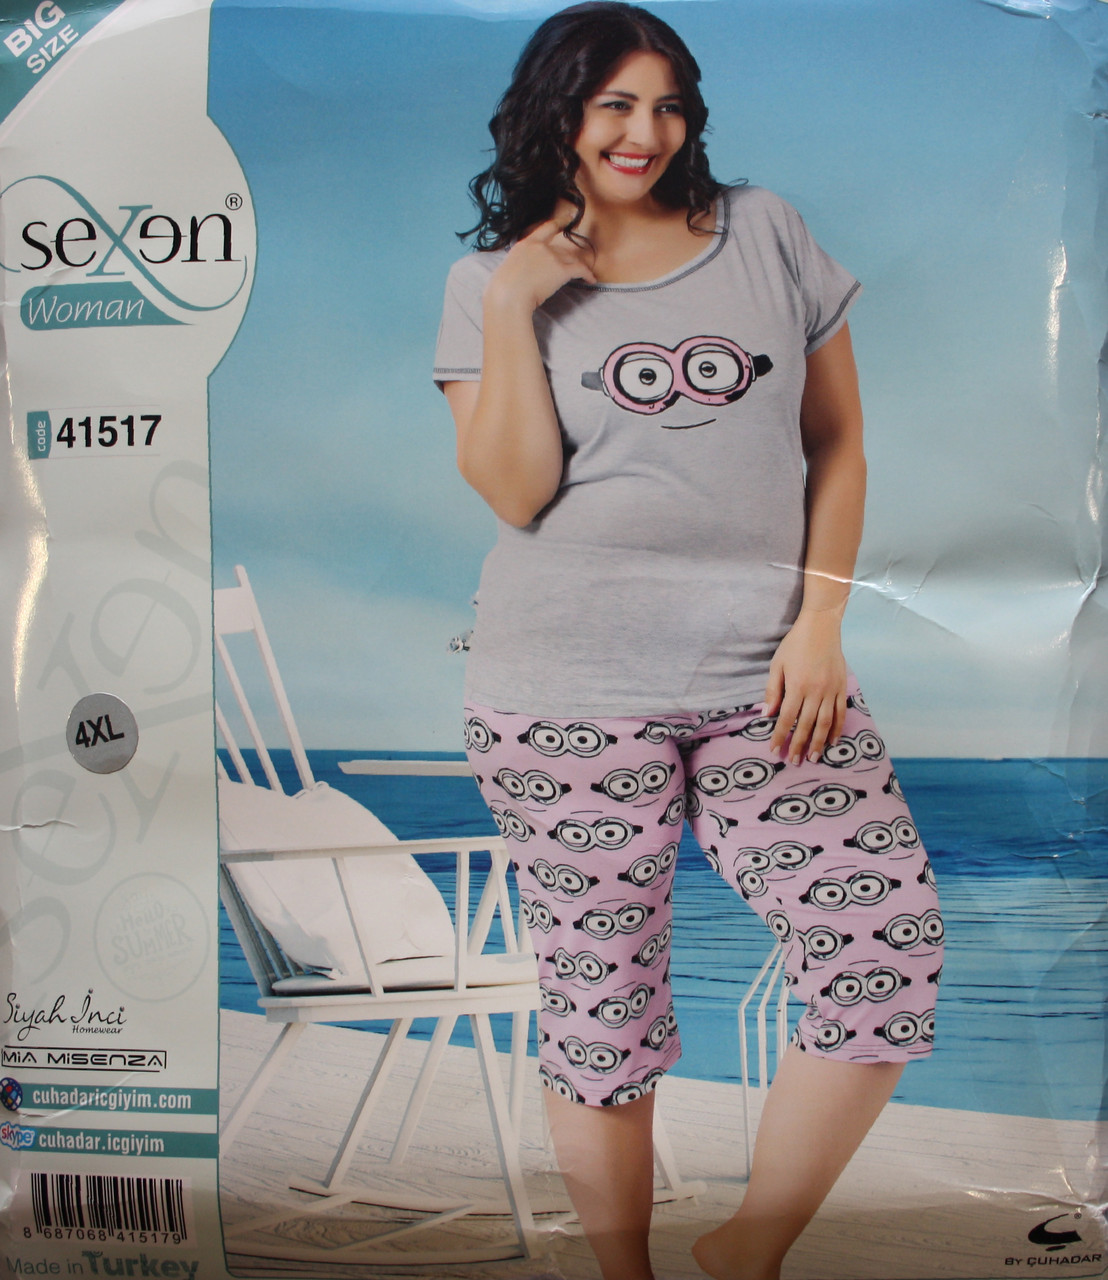 Футболка и бриджи - женская пижама SEXEN (Батал) 41517